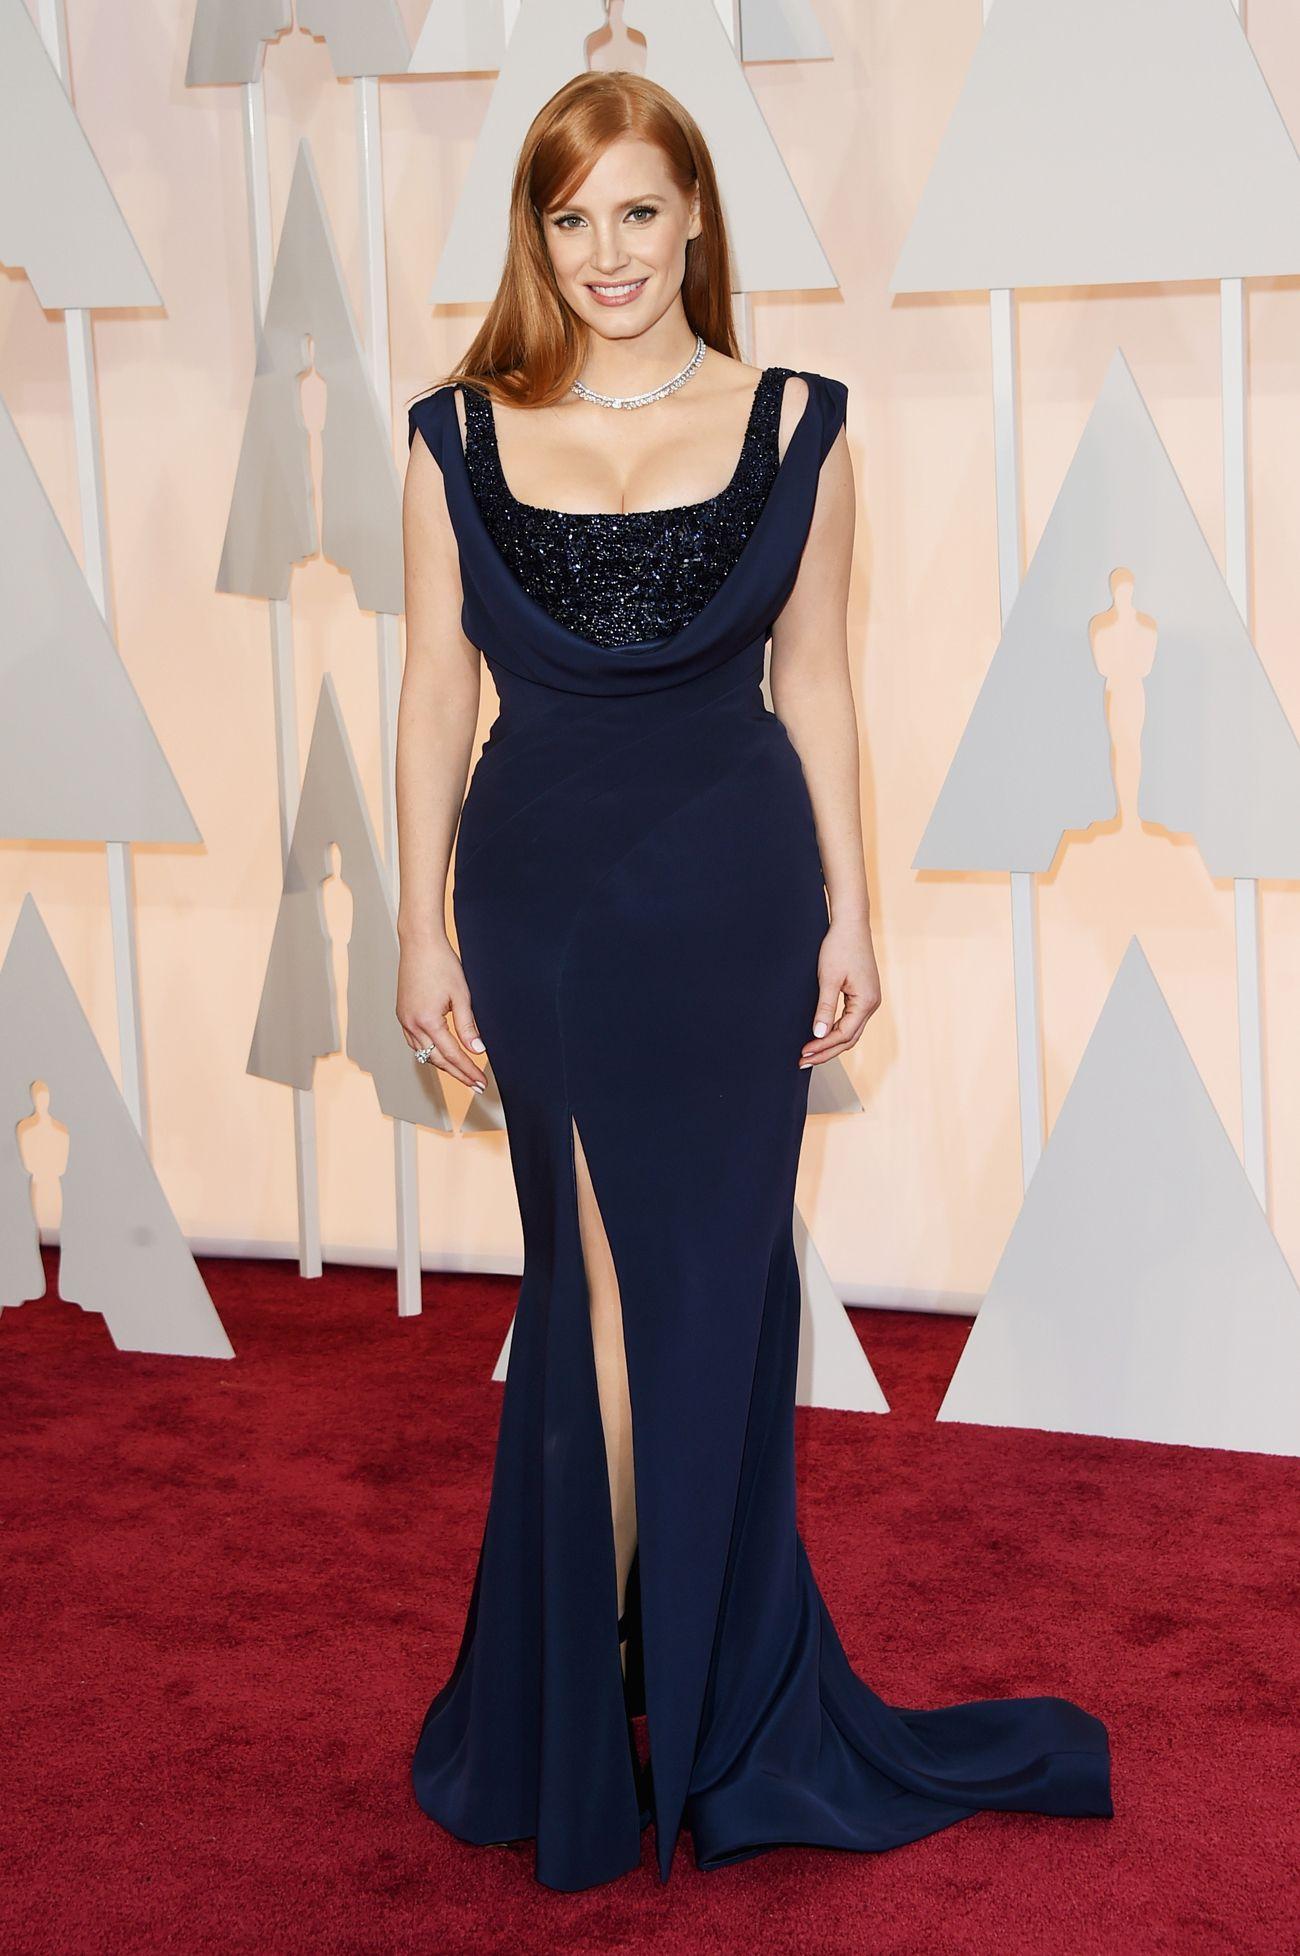 Galeria de Fotos Tapete vermelho do Oscar 2015 // Foto 14 // Notícias // FFW - Jessica Chastain veste Givenchy Couture